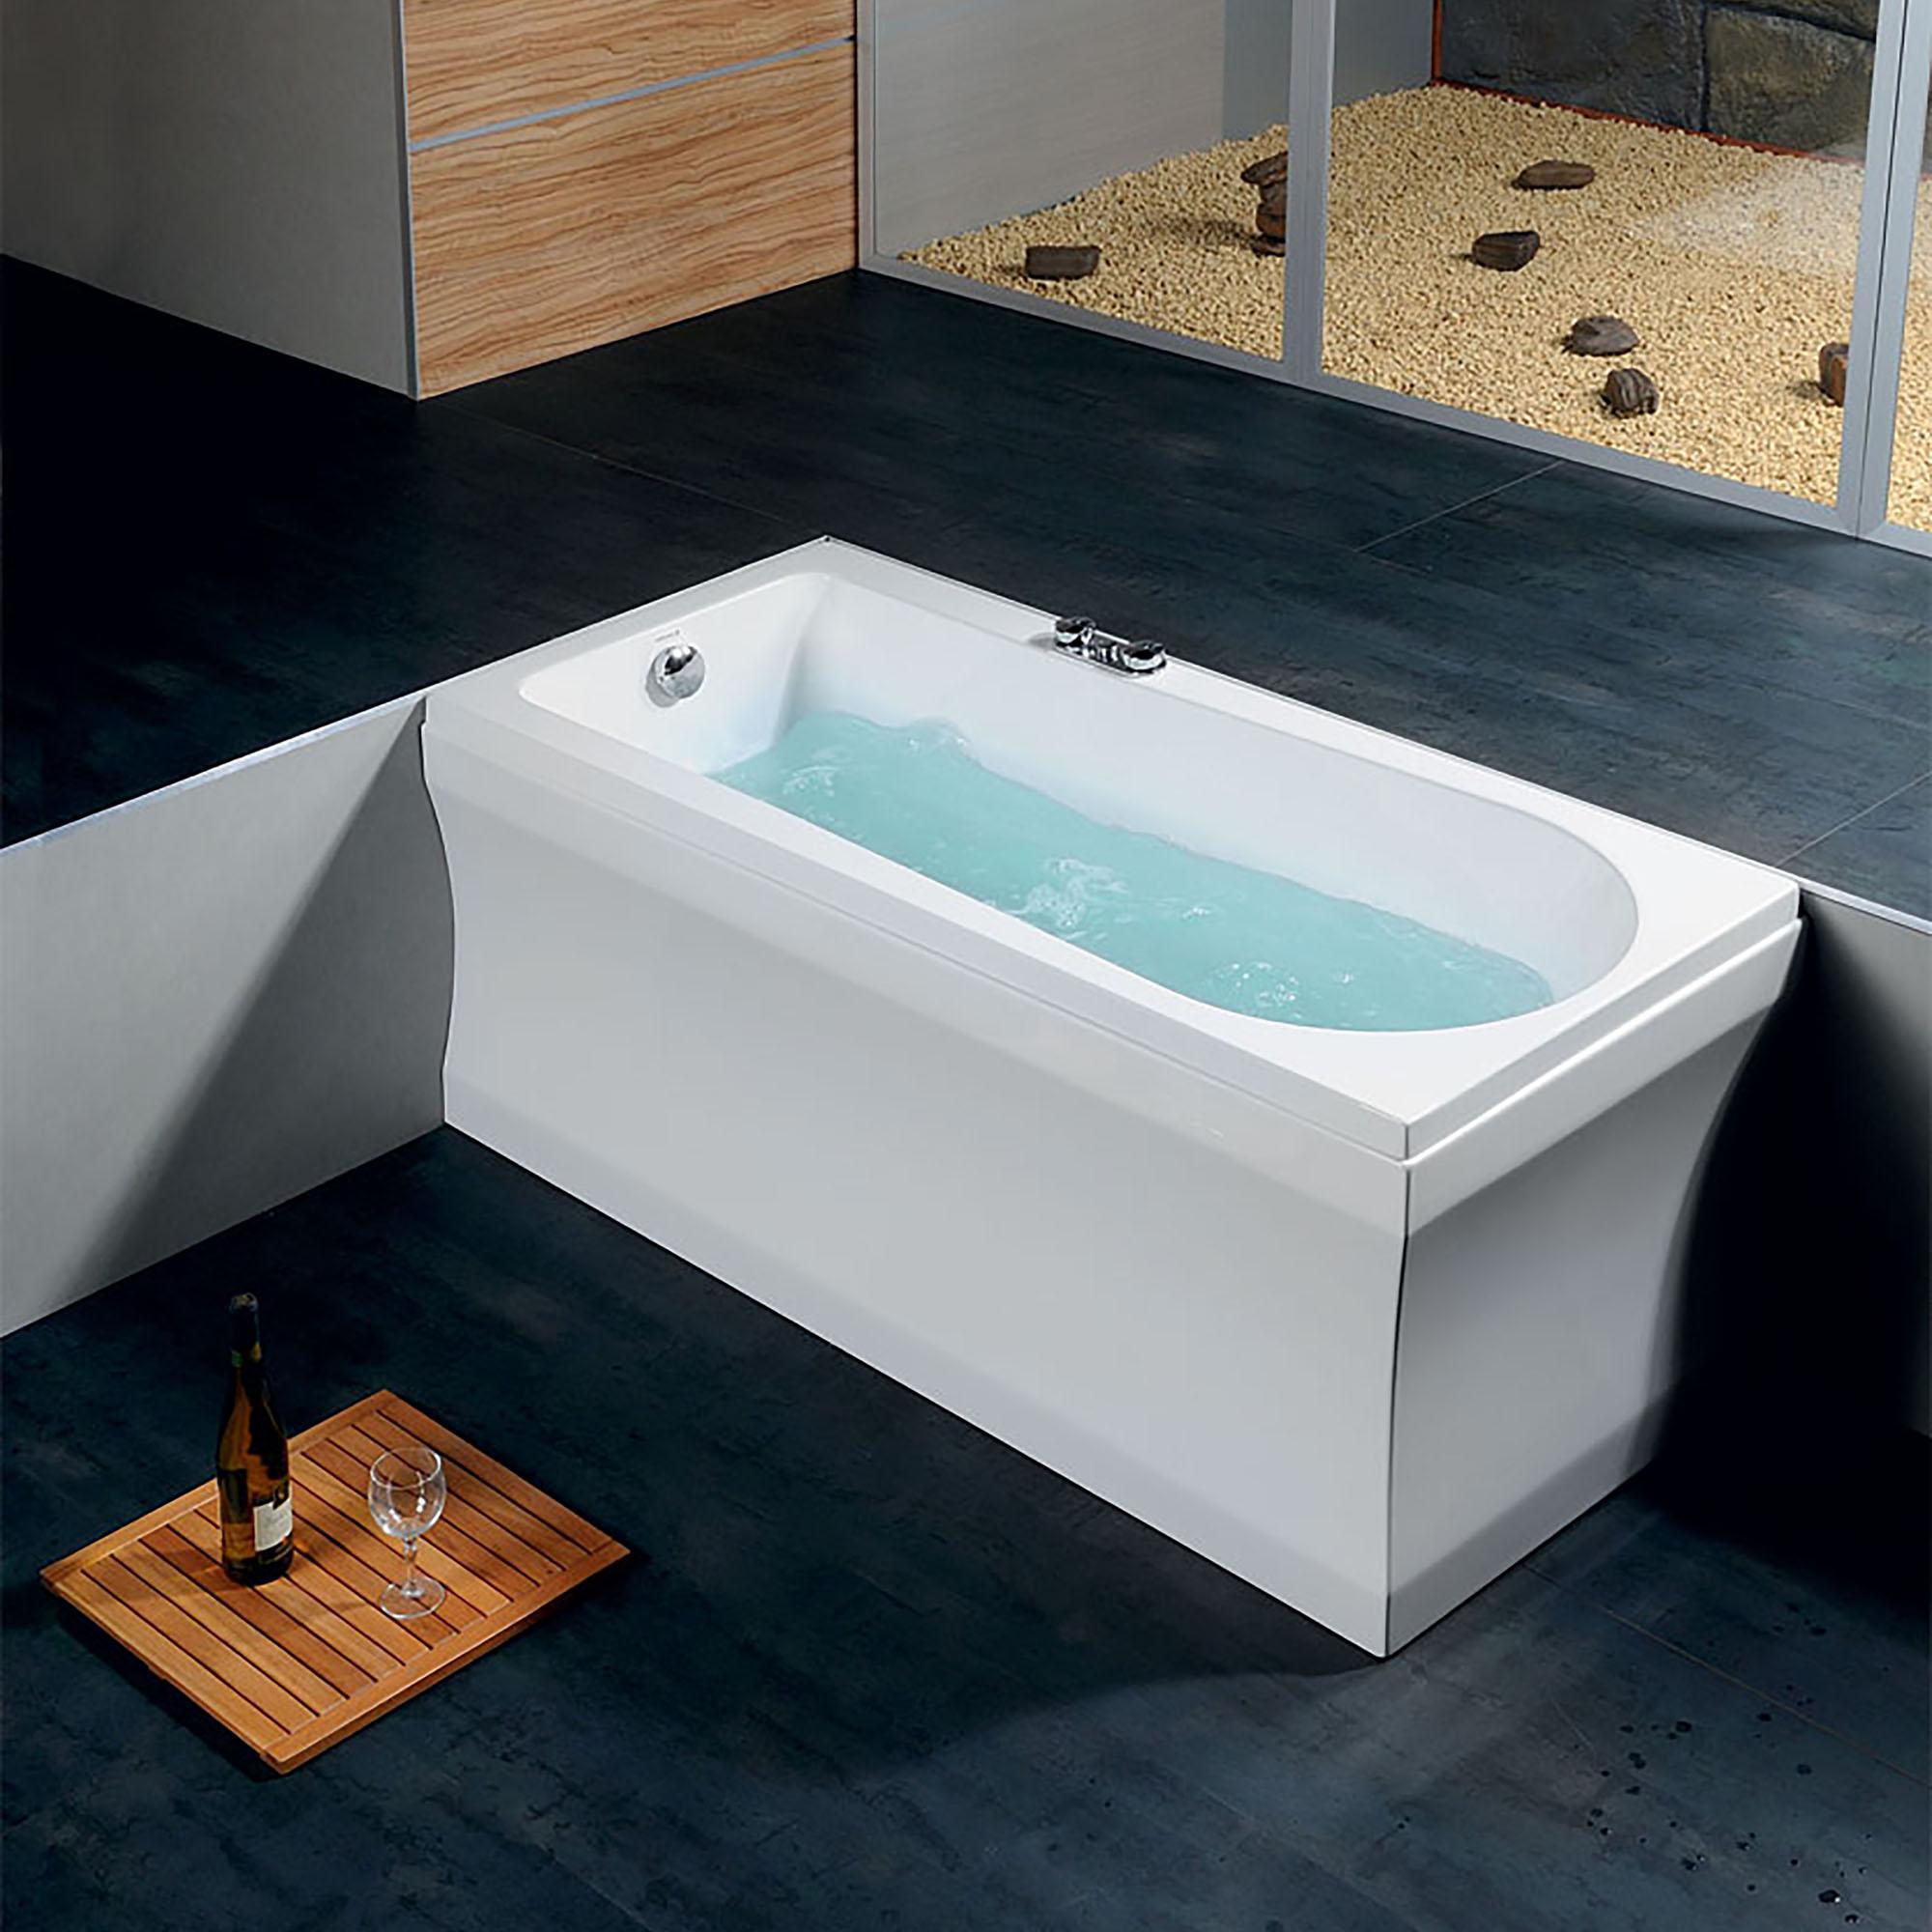 Акриловая ванна Alpen Lisa 170x70 акриловая ванна alpen karmenta 170x70 комплект